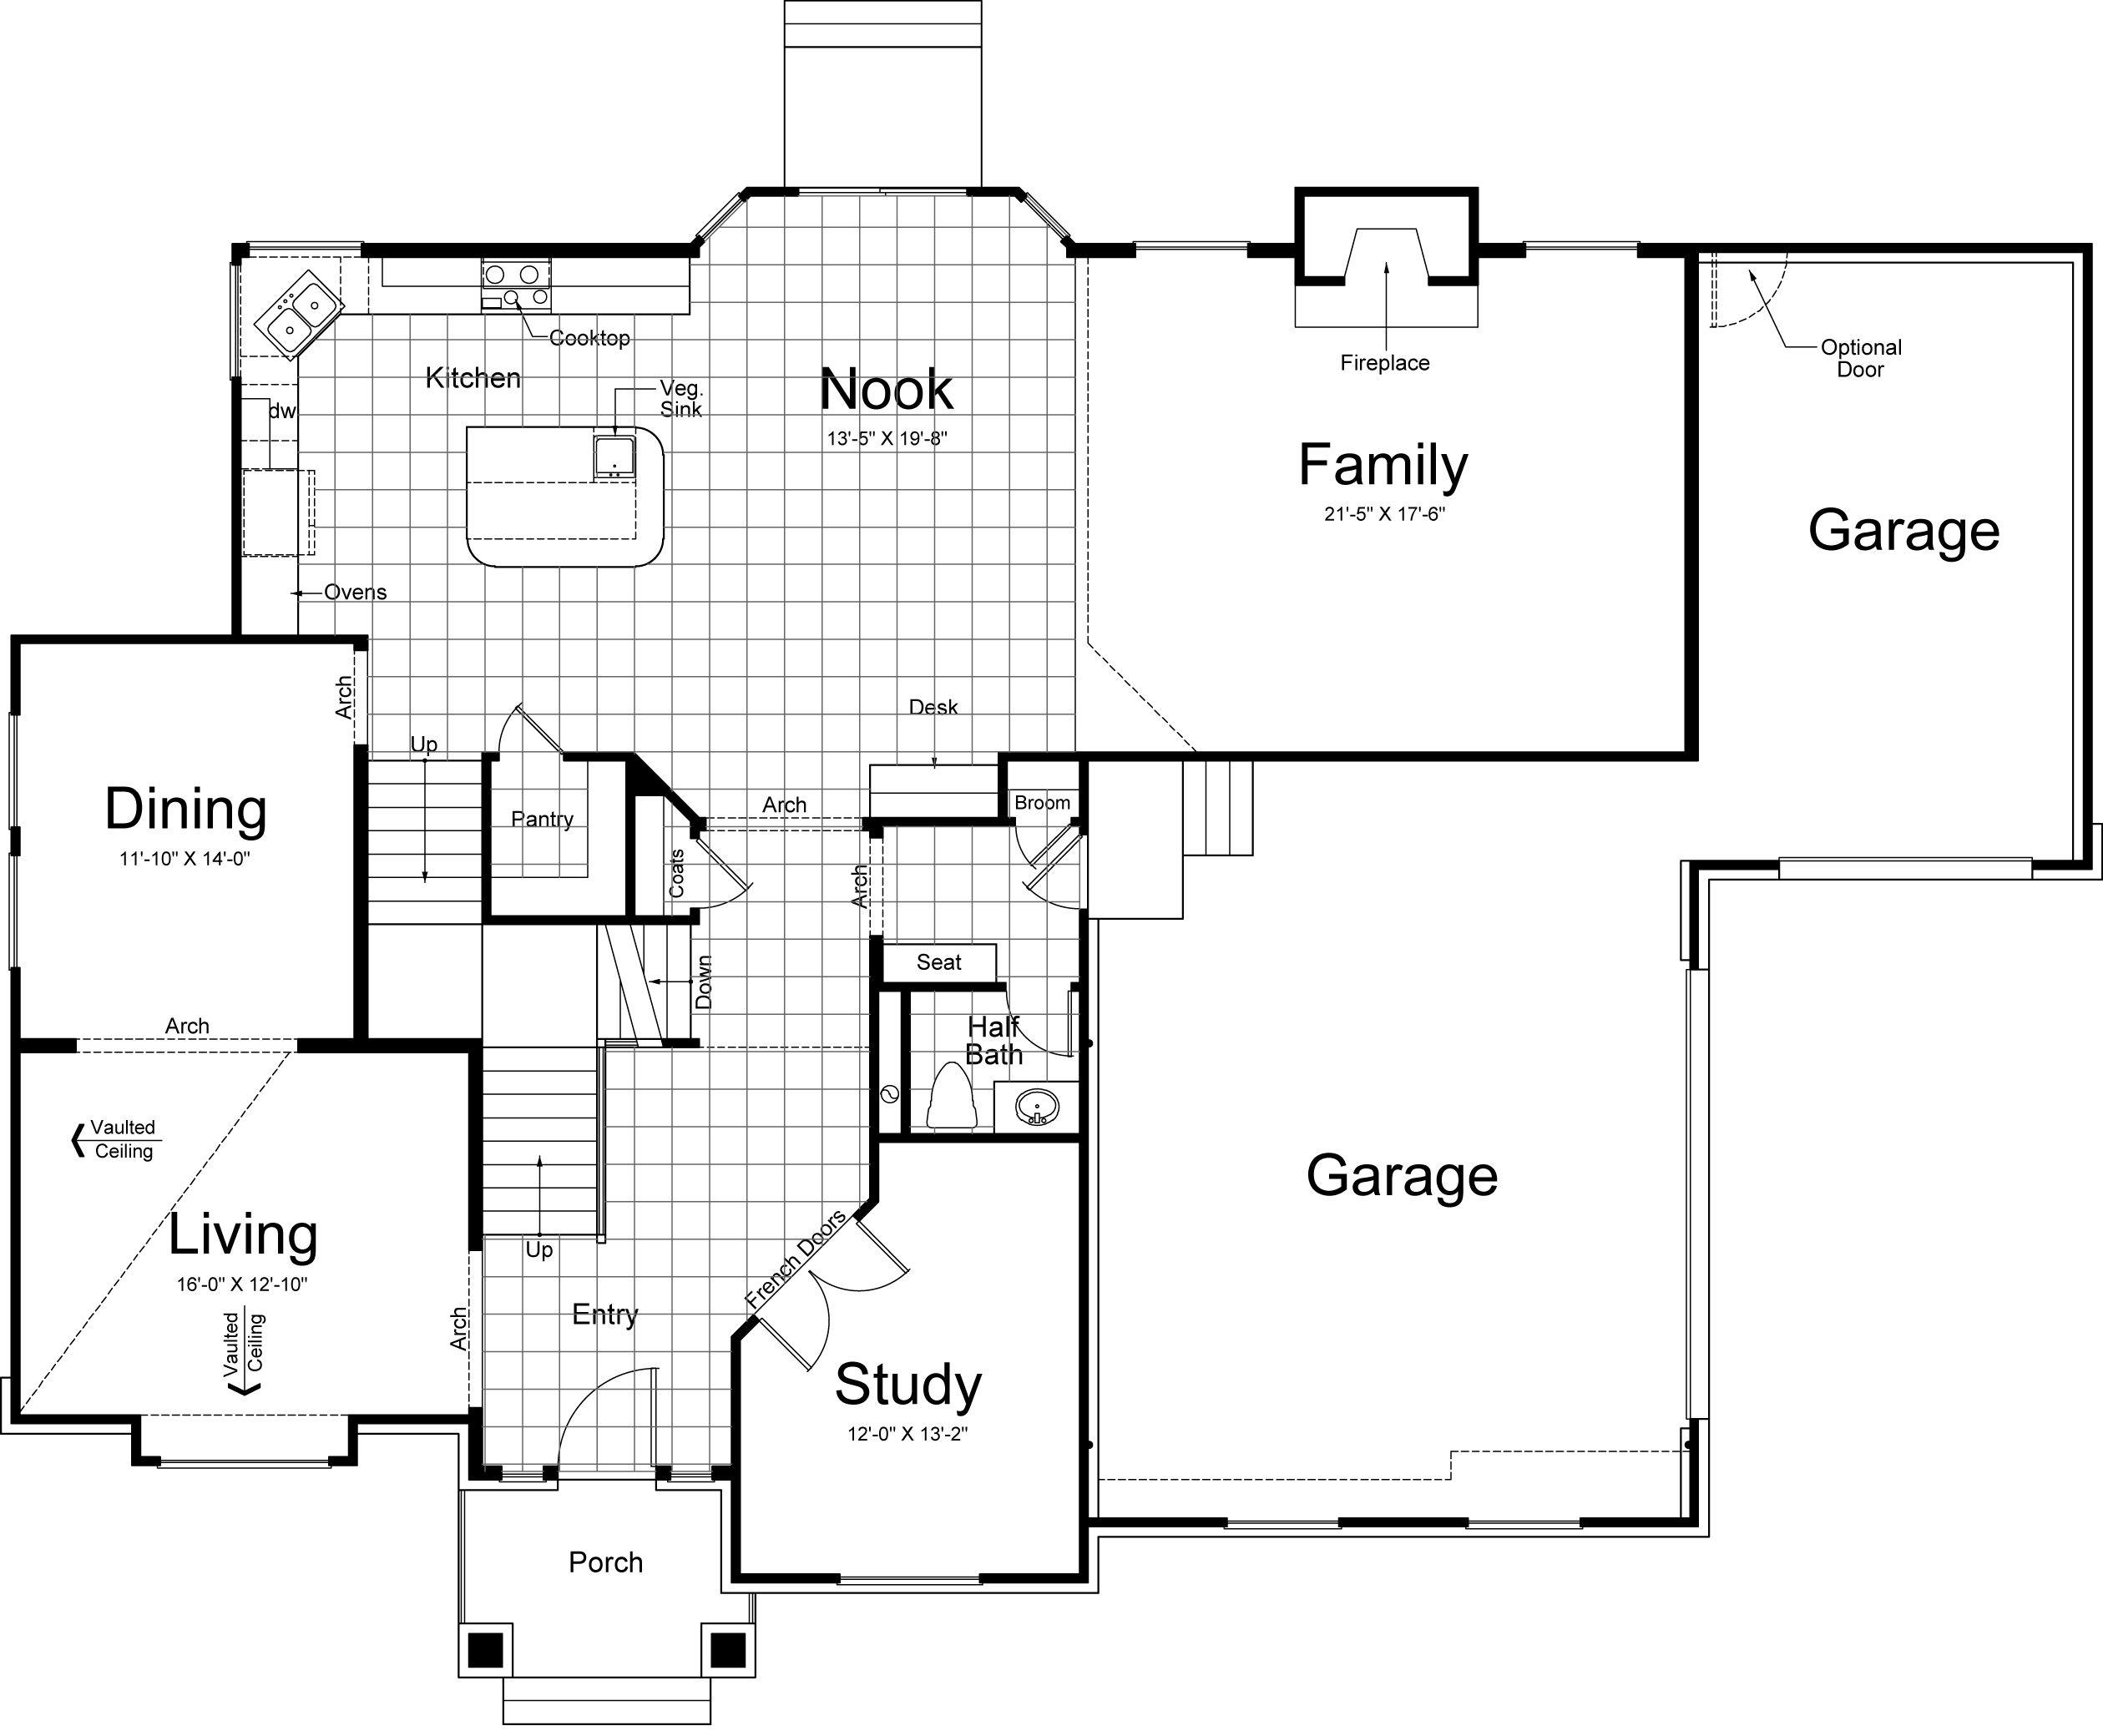 Home Design For New Homes In Utah Floor Plans Home Design Floor Plans House Floor Plans